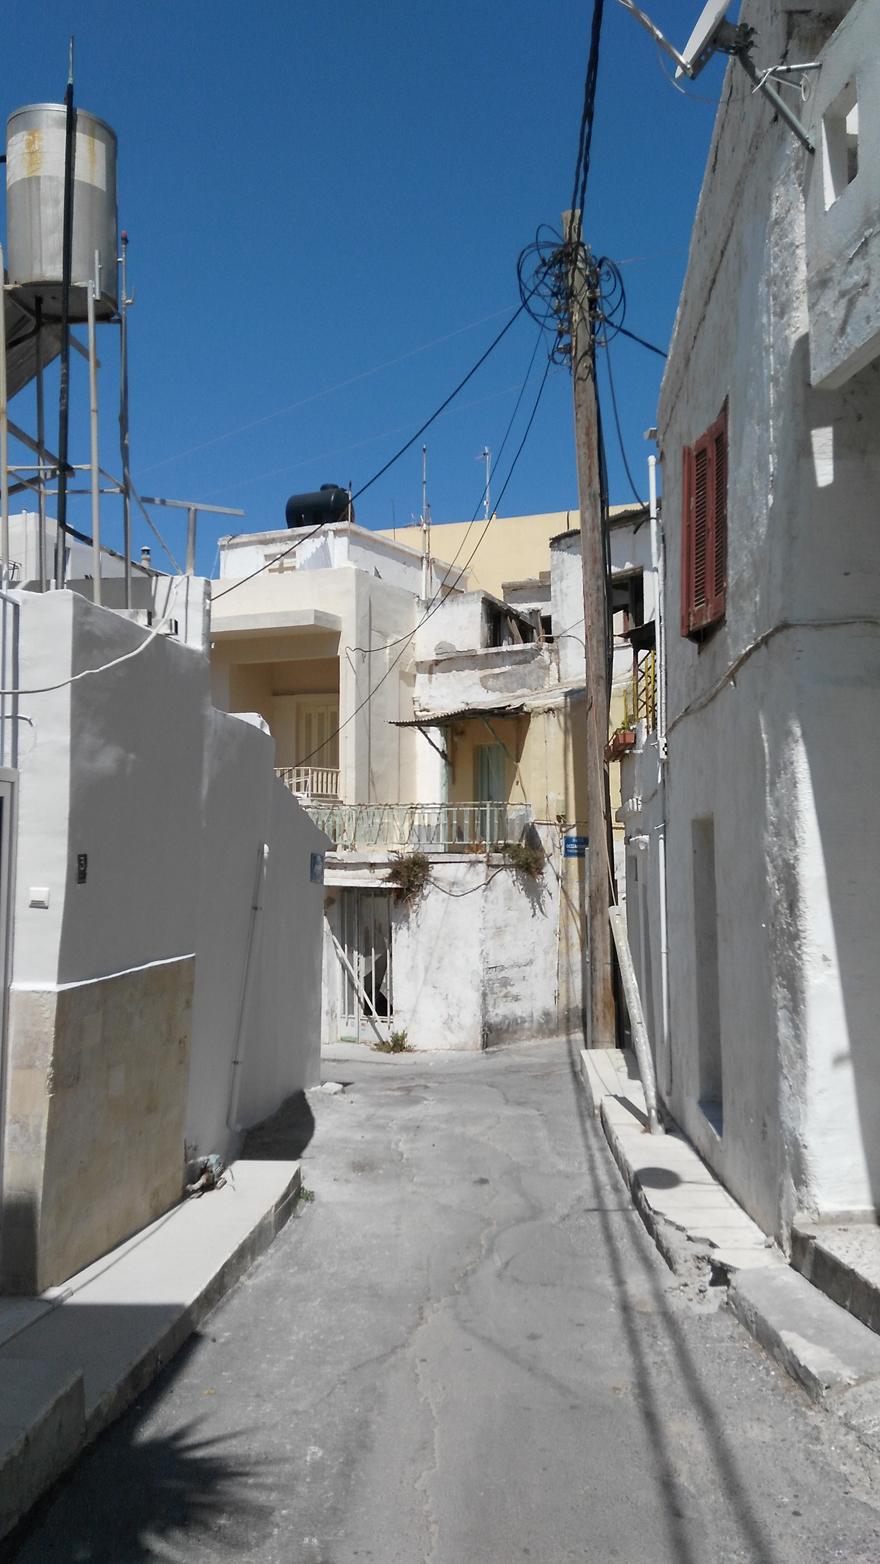 Λάκκος, Ηράκλειο Κρήτης